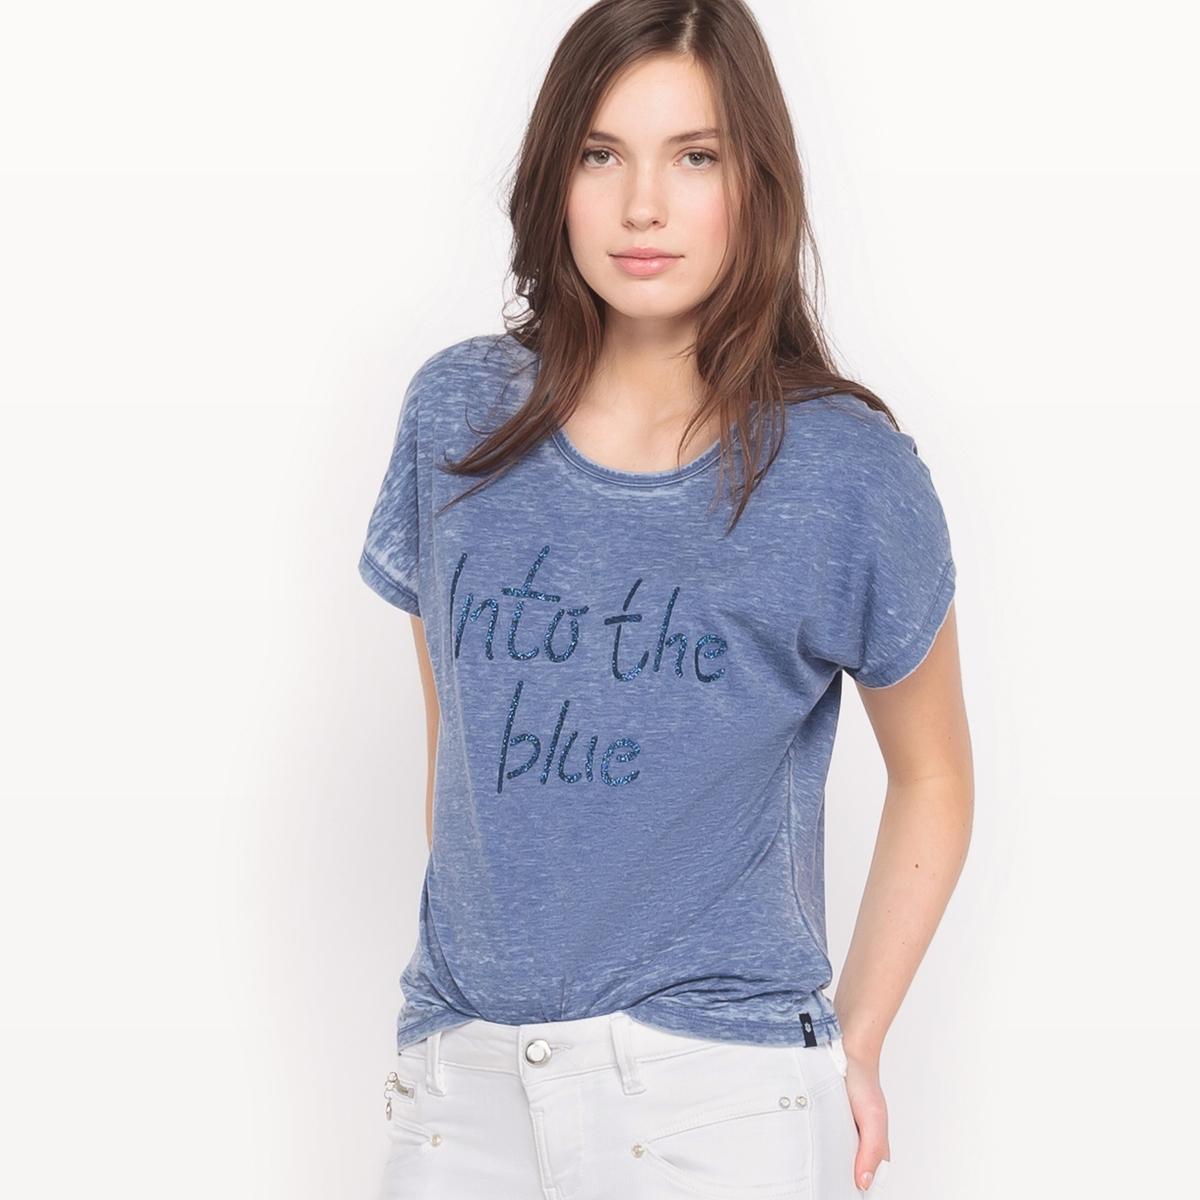 Футболка OCELIA BLUEФутболка OCELIA BLUE от FREEMAN T . PORTER.. Футболка из хлопка деворе . Оригинальный блестящий принт синего цвета .Состав и описание :Материал : 50% хлопка, 50% полиэстераМарка : FREEMAN T. PORTER.<br><br>Цвет: синий<br>Размер: S